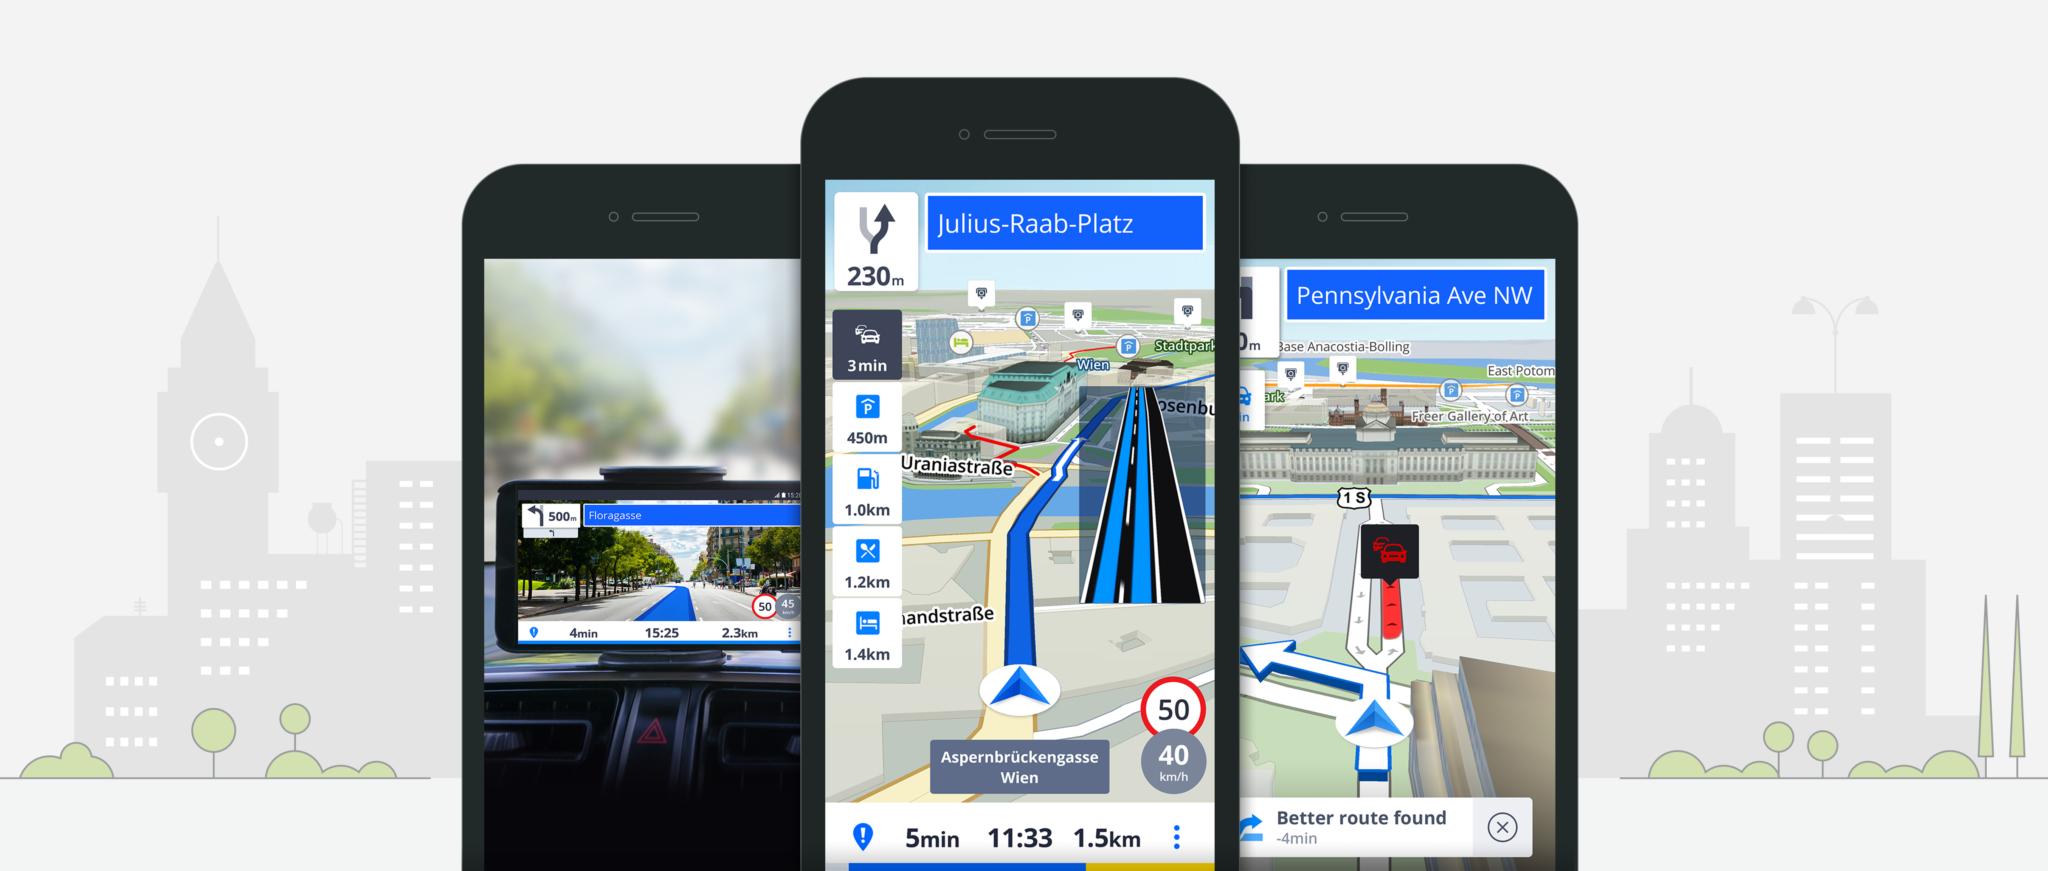 Společnost Sygic spouští nový prediktivní systém pro výpočet optimální trasy